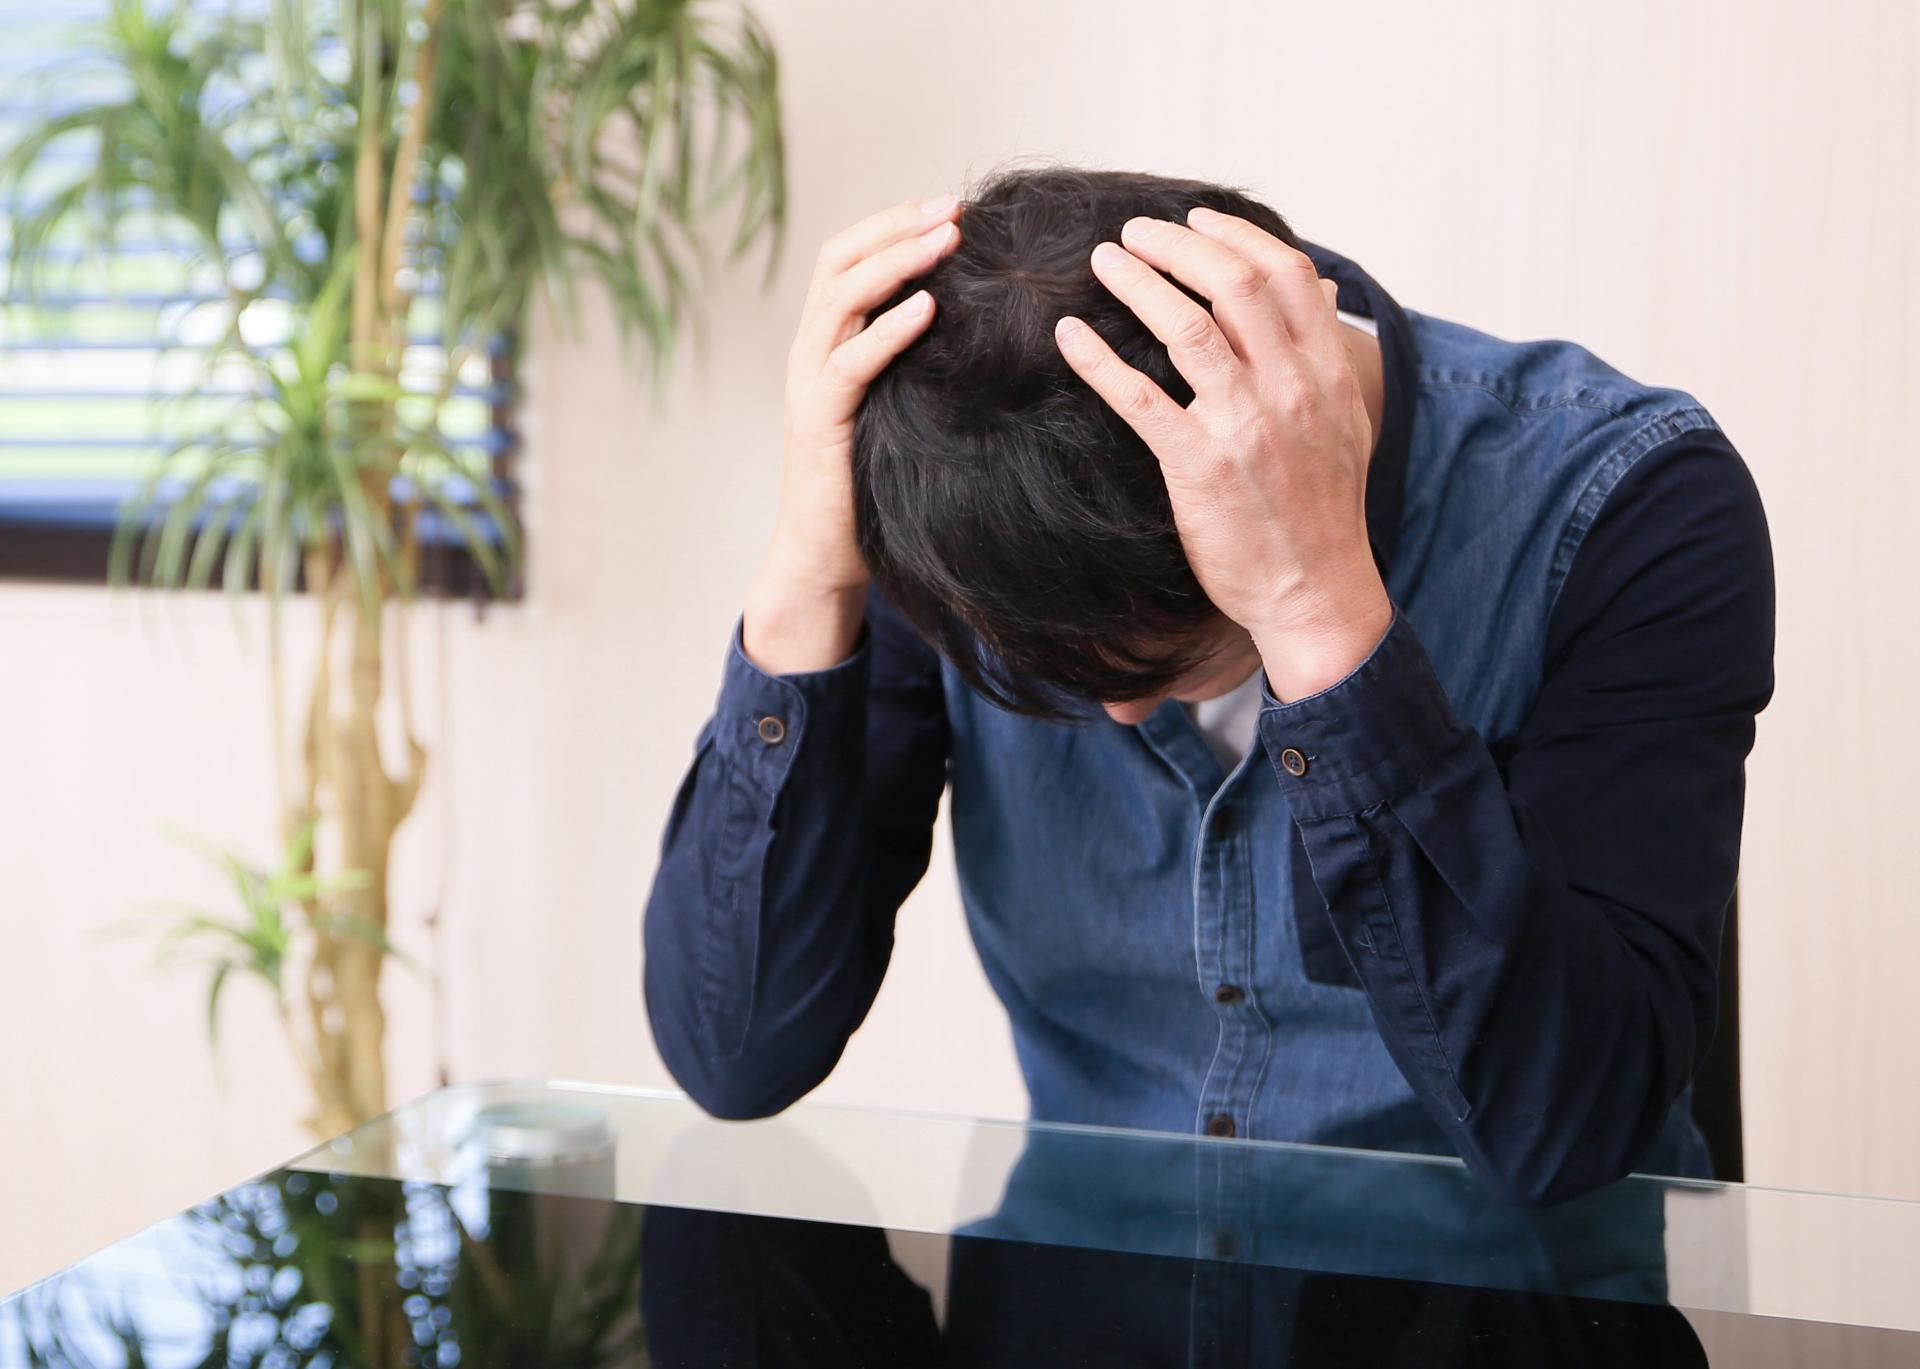 53246727eca5f287d30f2ac6c4312b28 m 「薄毛」のどこが辛い?みんなが悩んでること